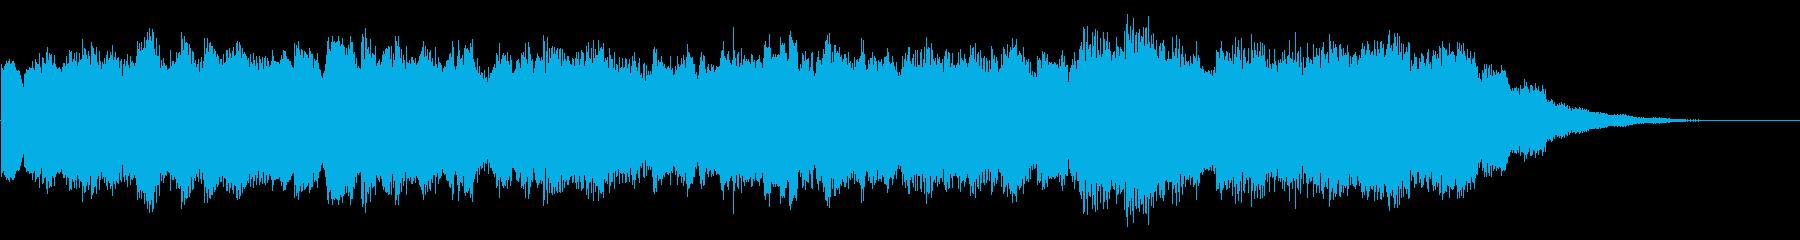 おやすみVtuberさん用30秒BGMの再生済みの波形